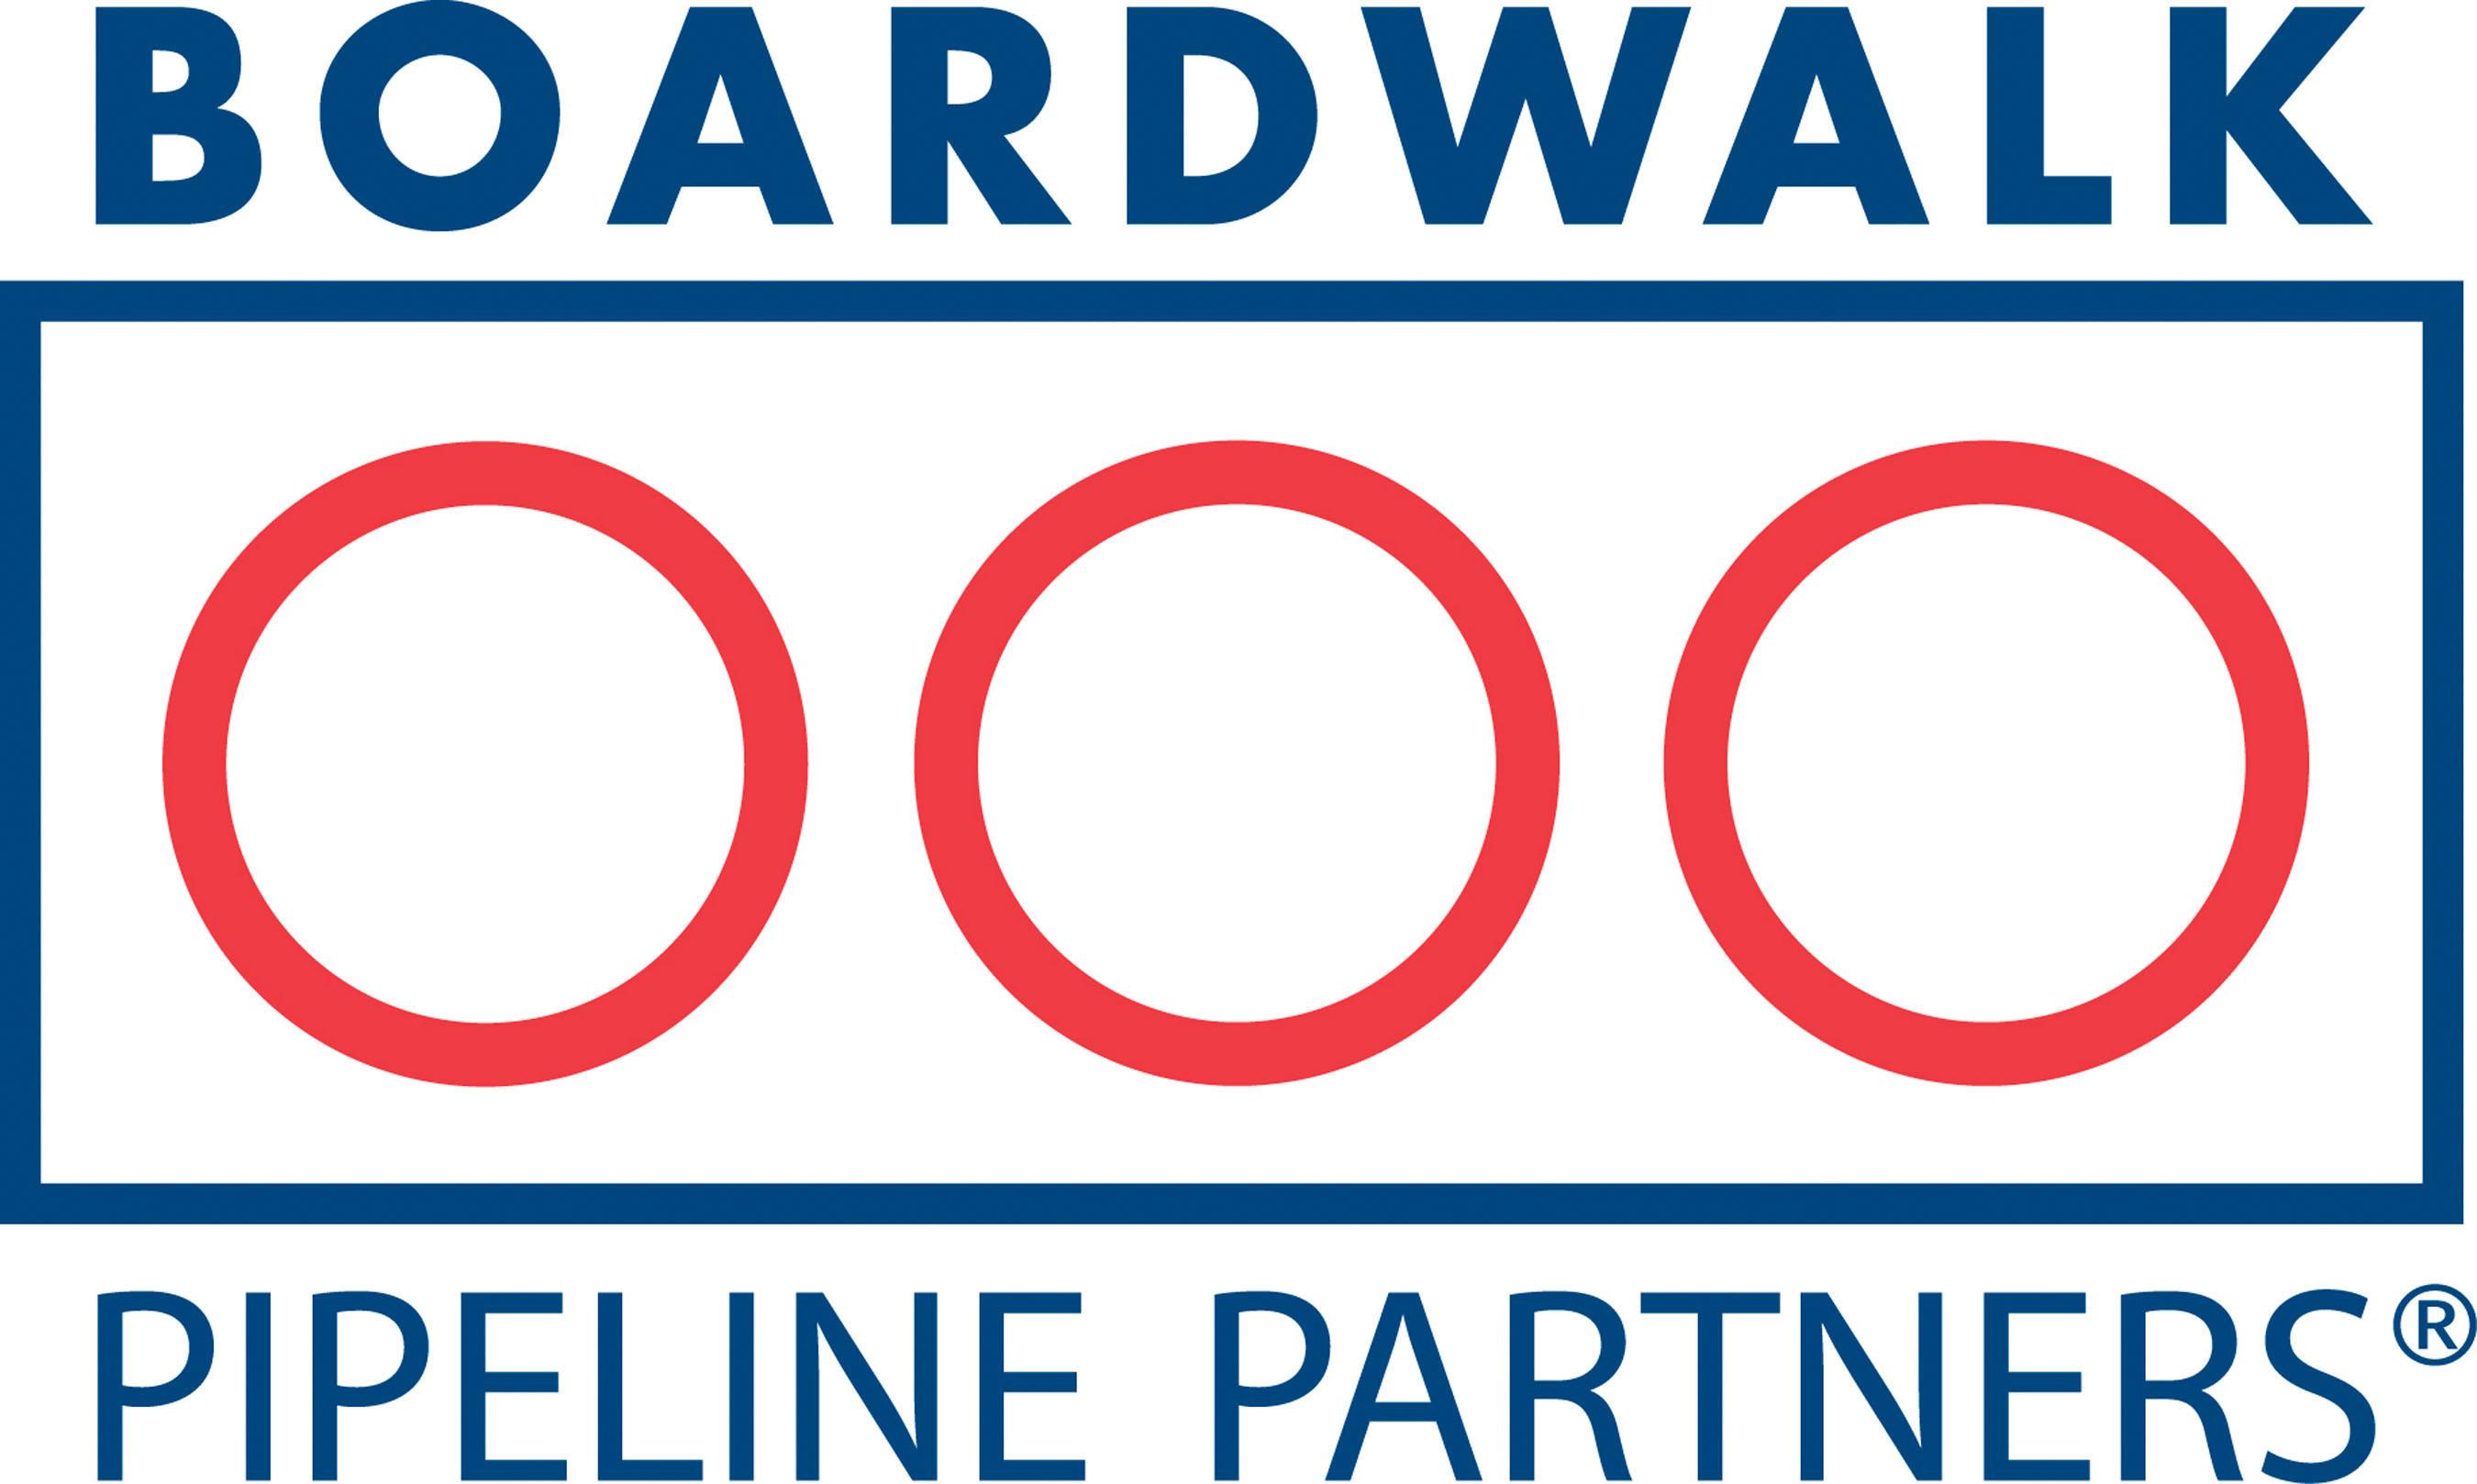 Boardwalk Pipeline Partners logo.